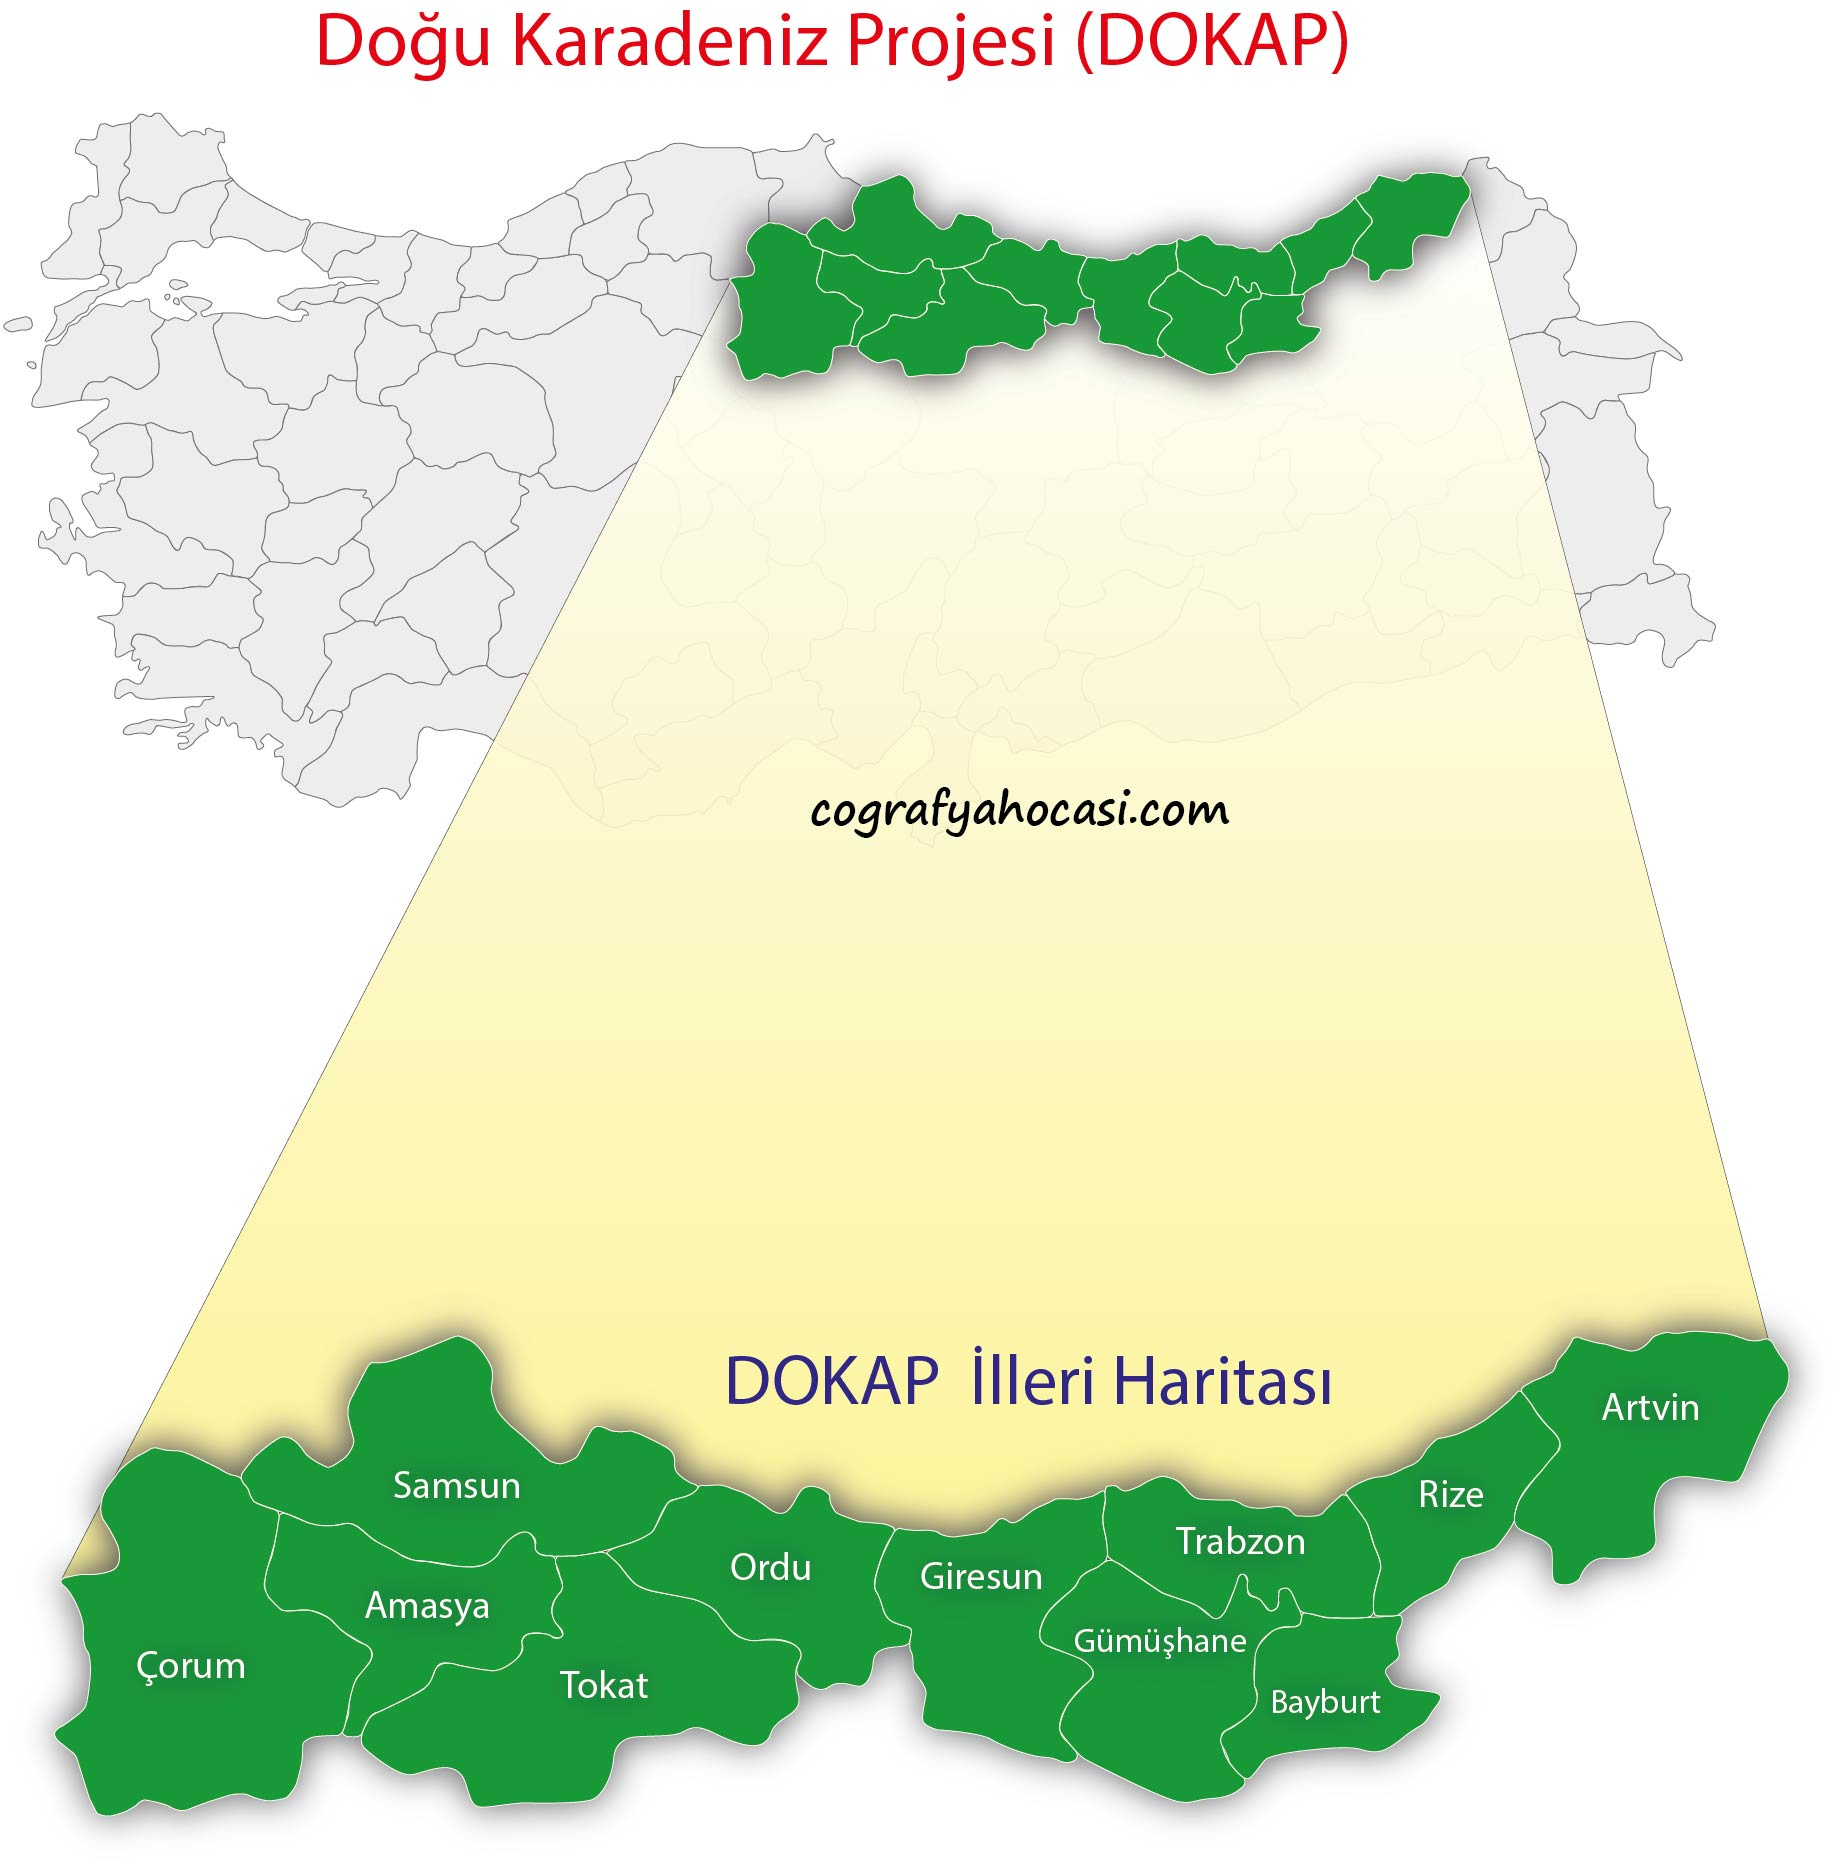 Doğu Karadeniz Projesi (DOKAP) Haritası